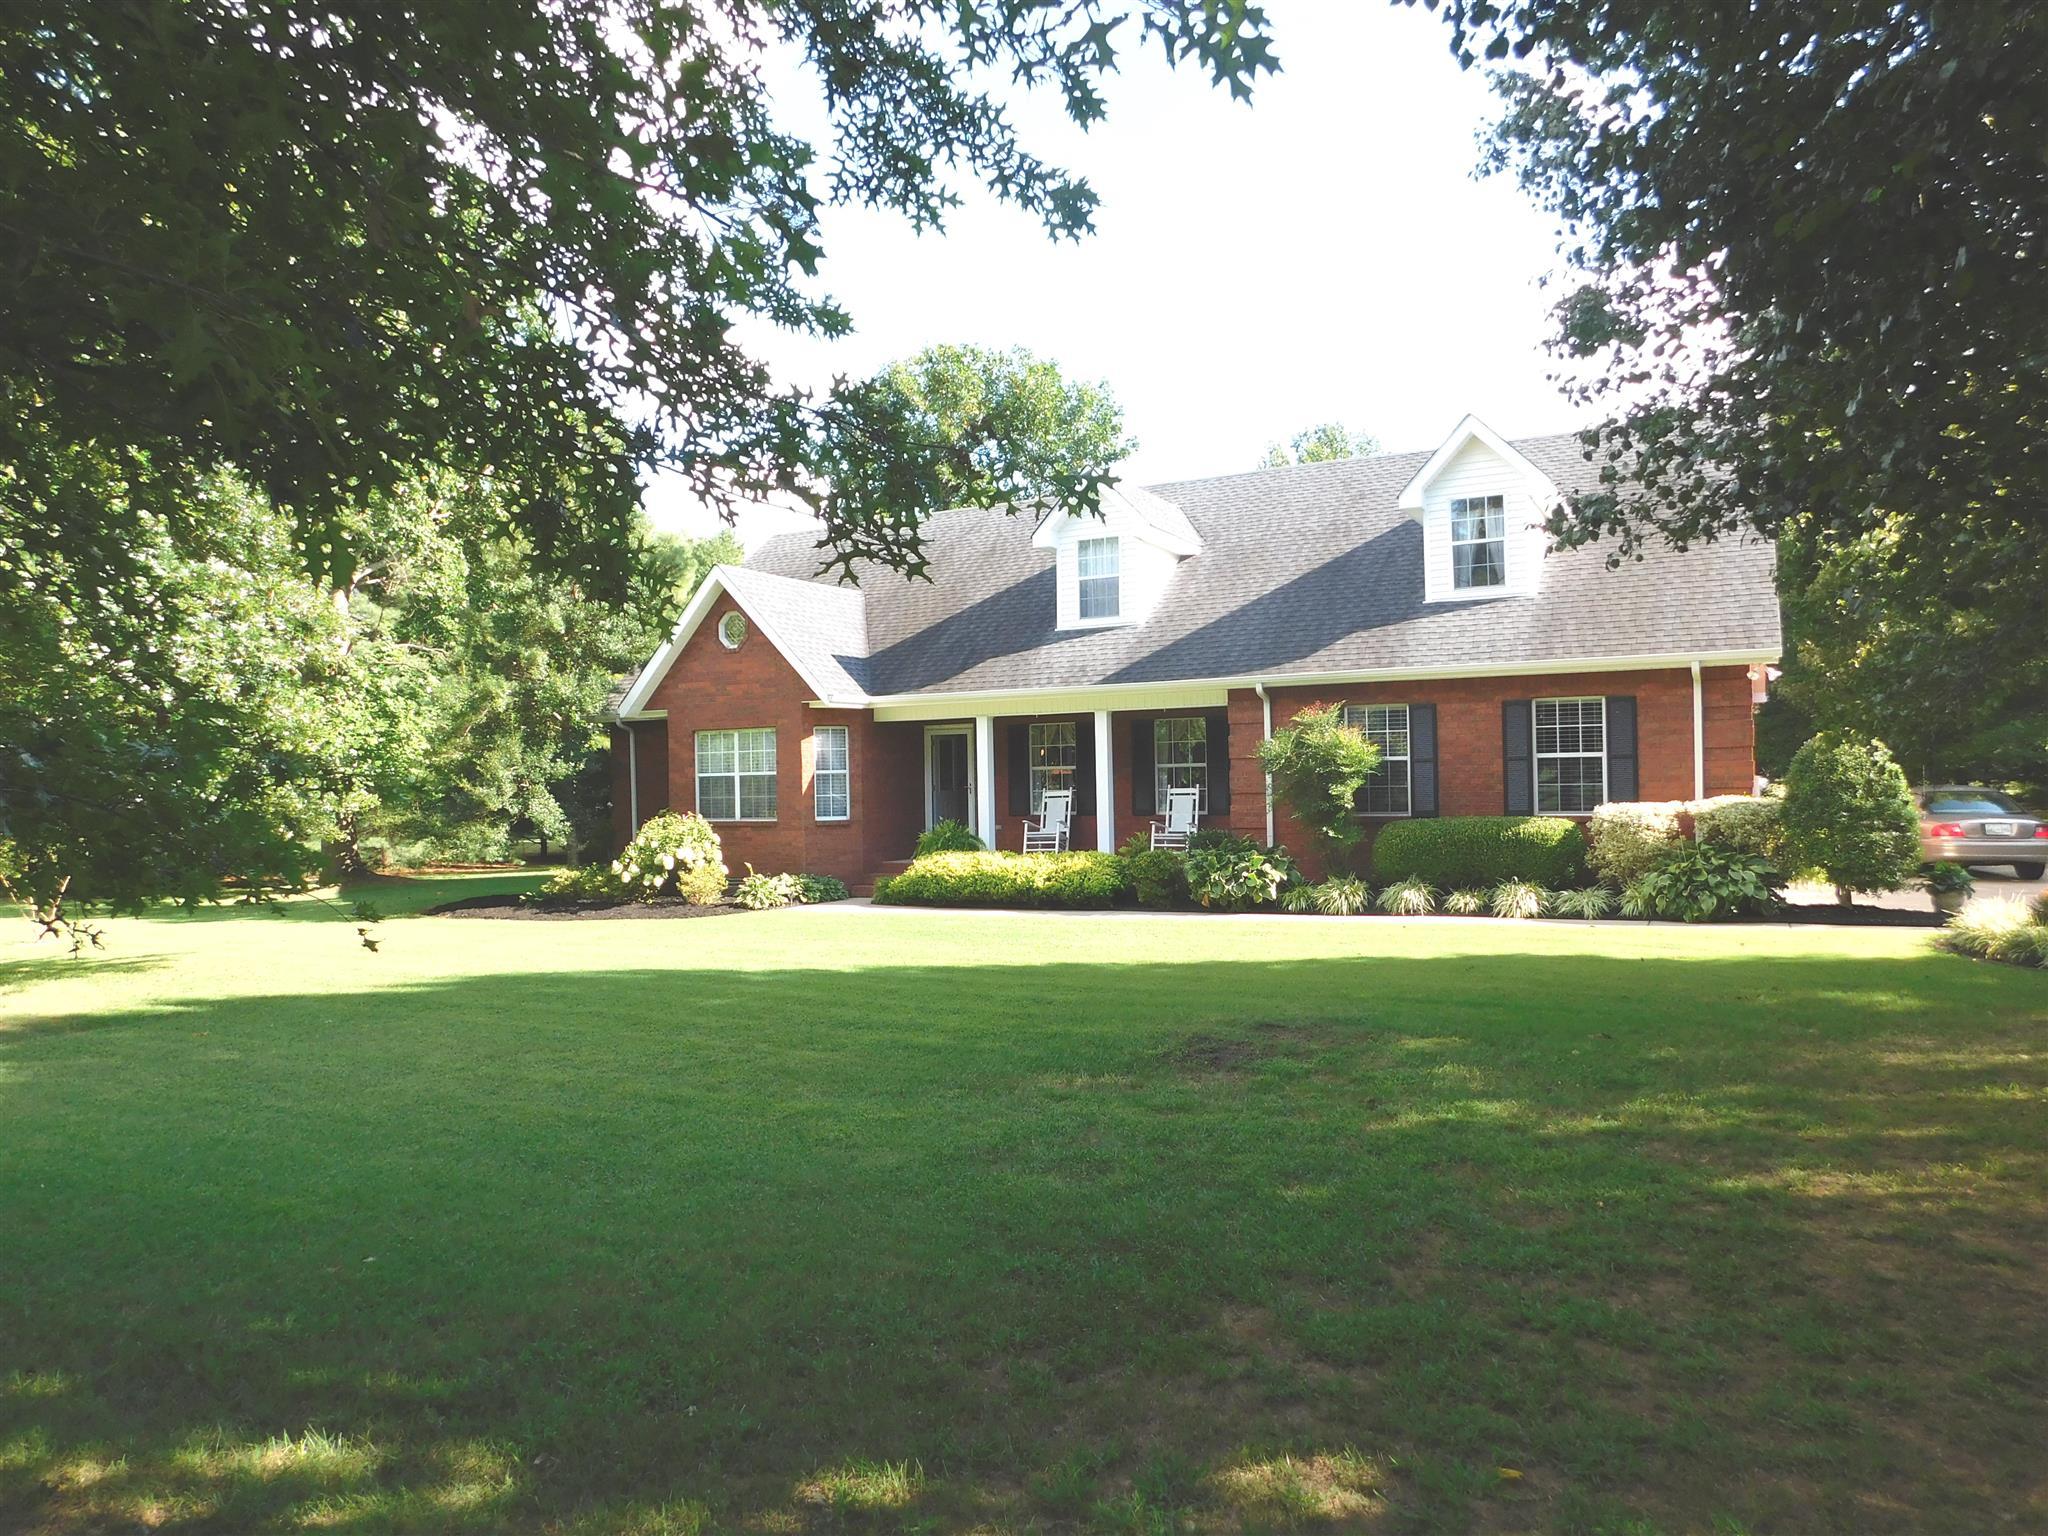 5171 Windrow Rd, Rockvale, TN 37153